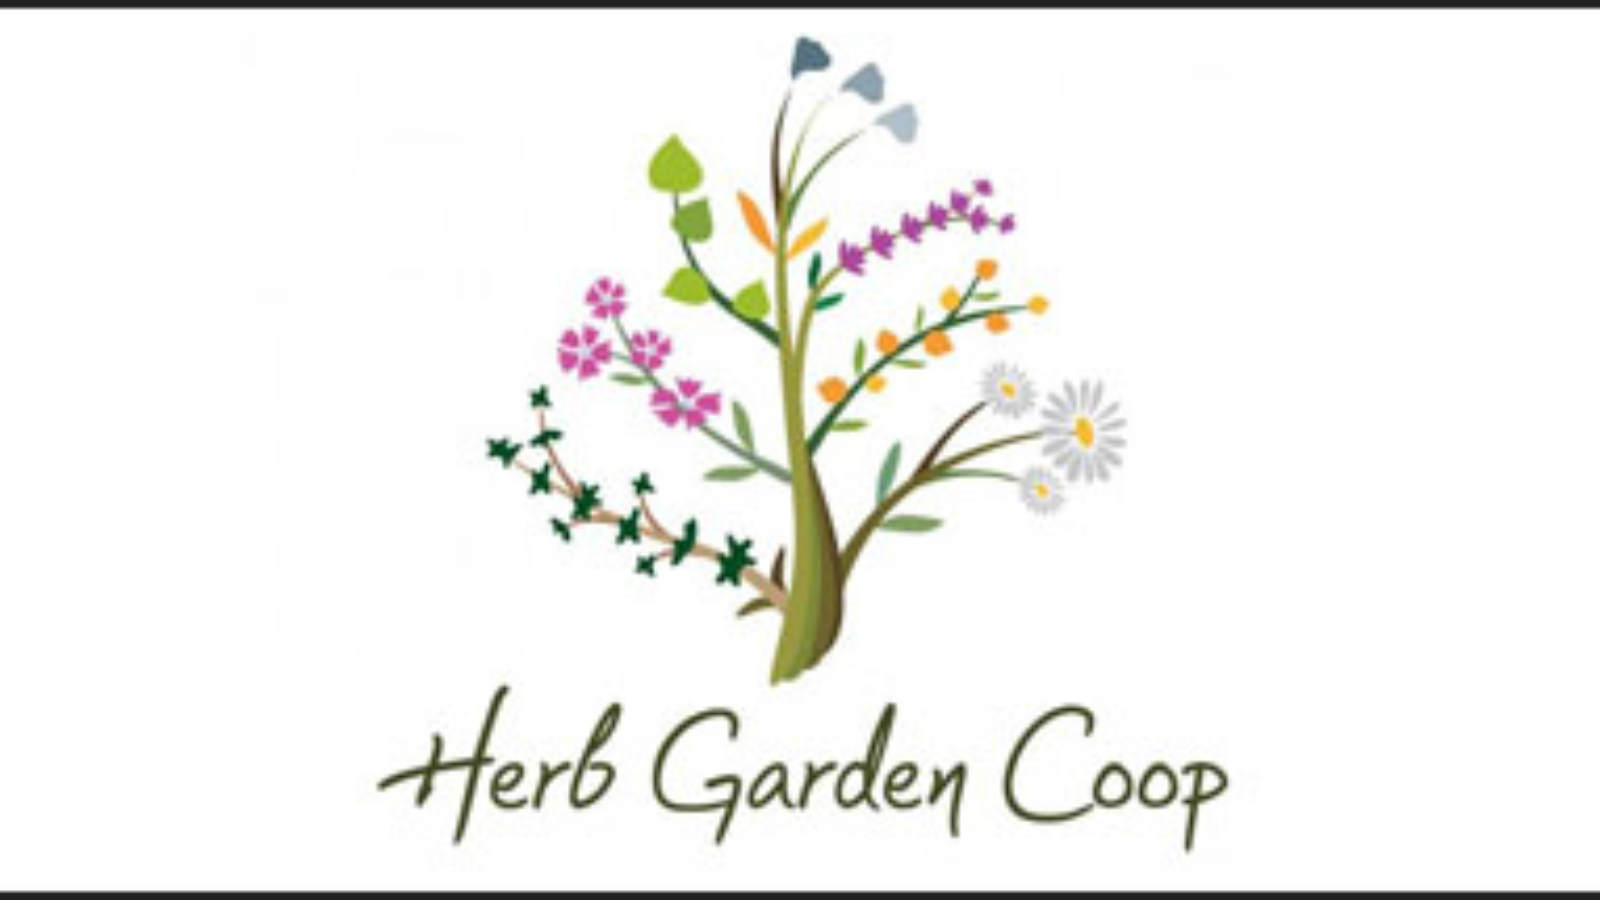 herb-garden-coop